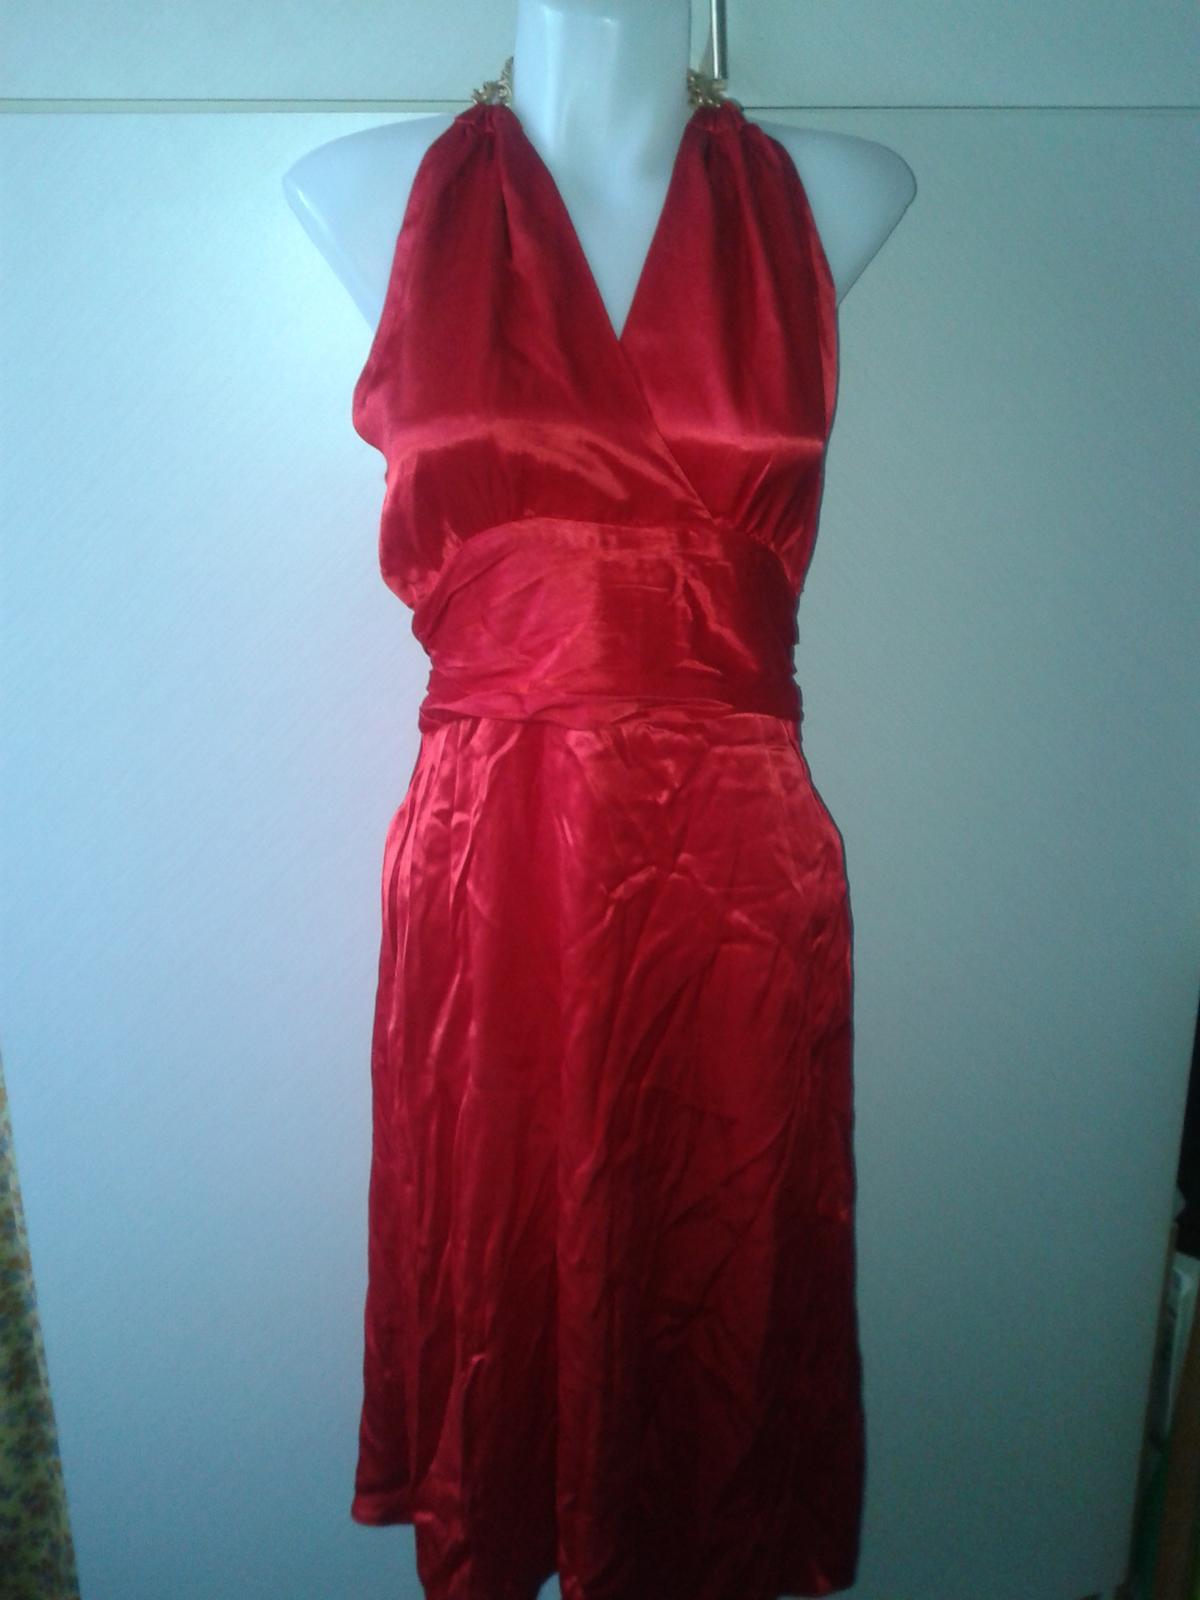 jasnočervené šaty Next veľ, 36/38 - Obrázok č. 2